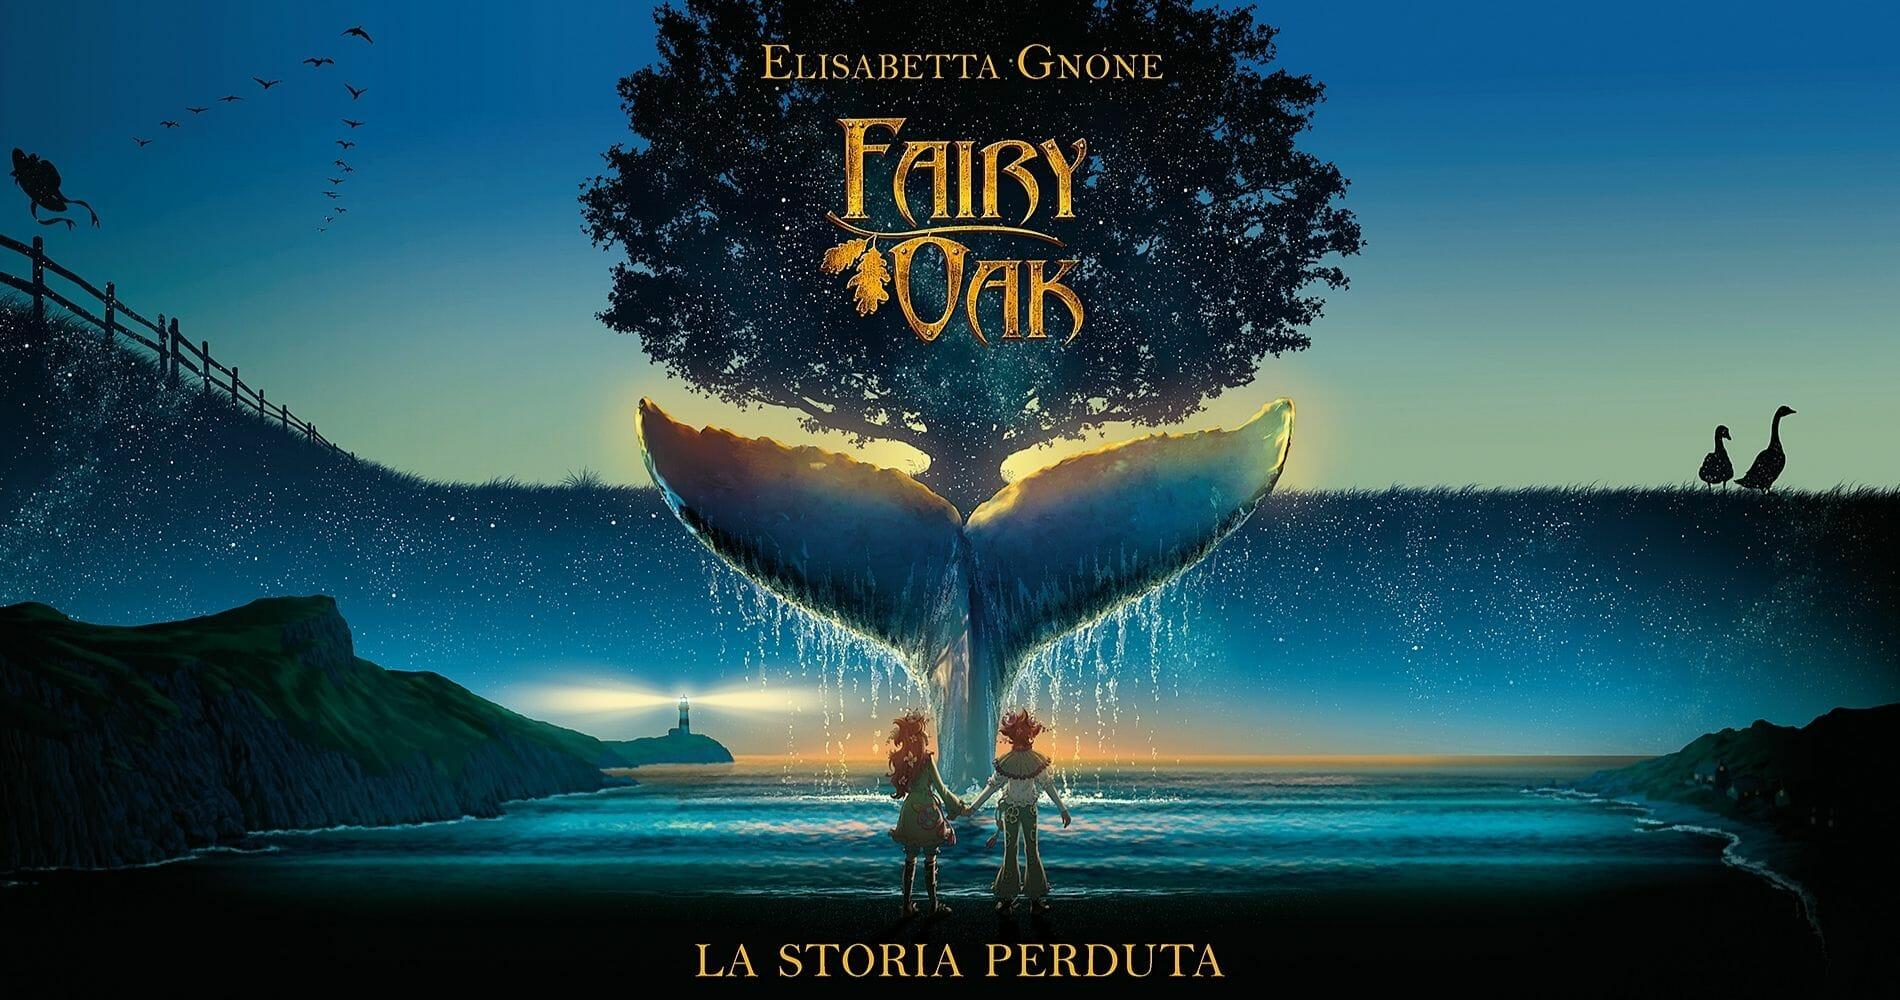 La storia perduta fairy oak